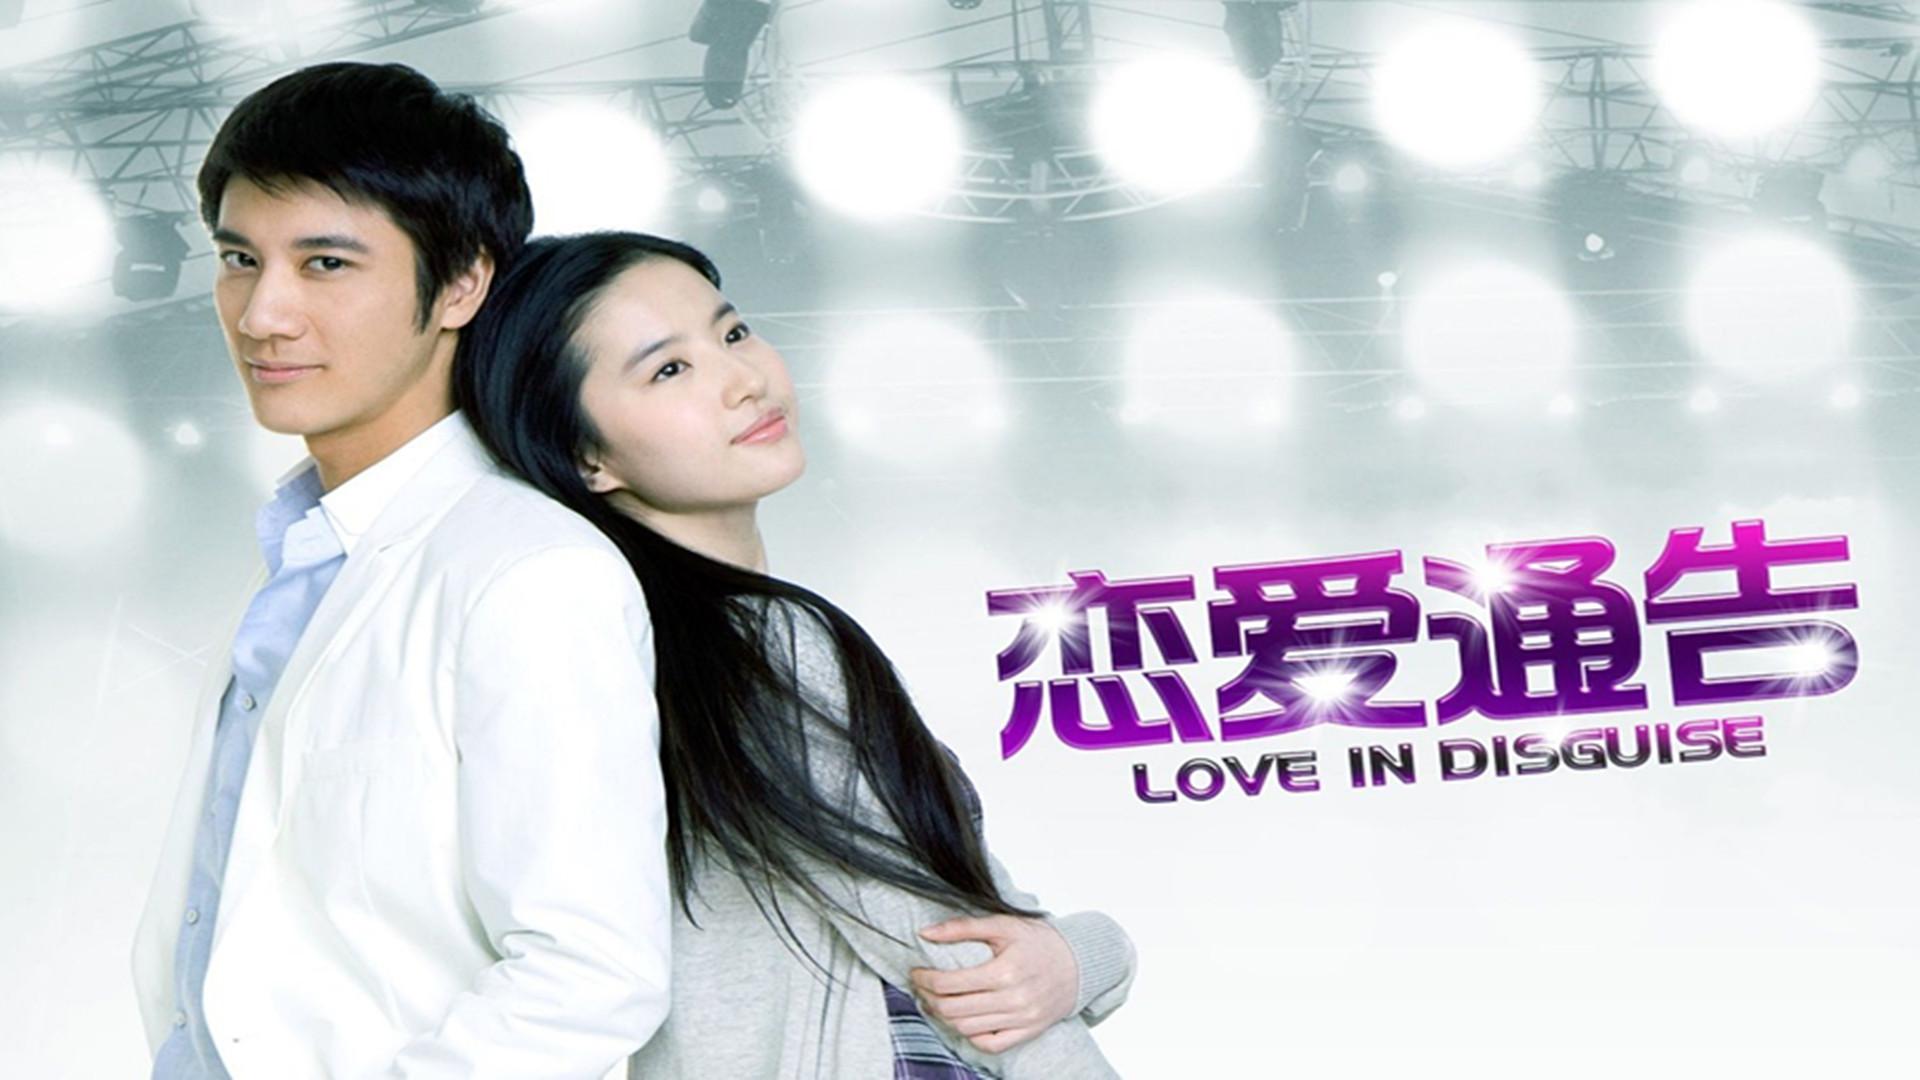 刘亦菲的六部电影,最后一部饰演的呆萌狐妖又让人看到了她的演技